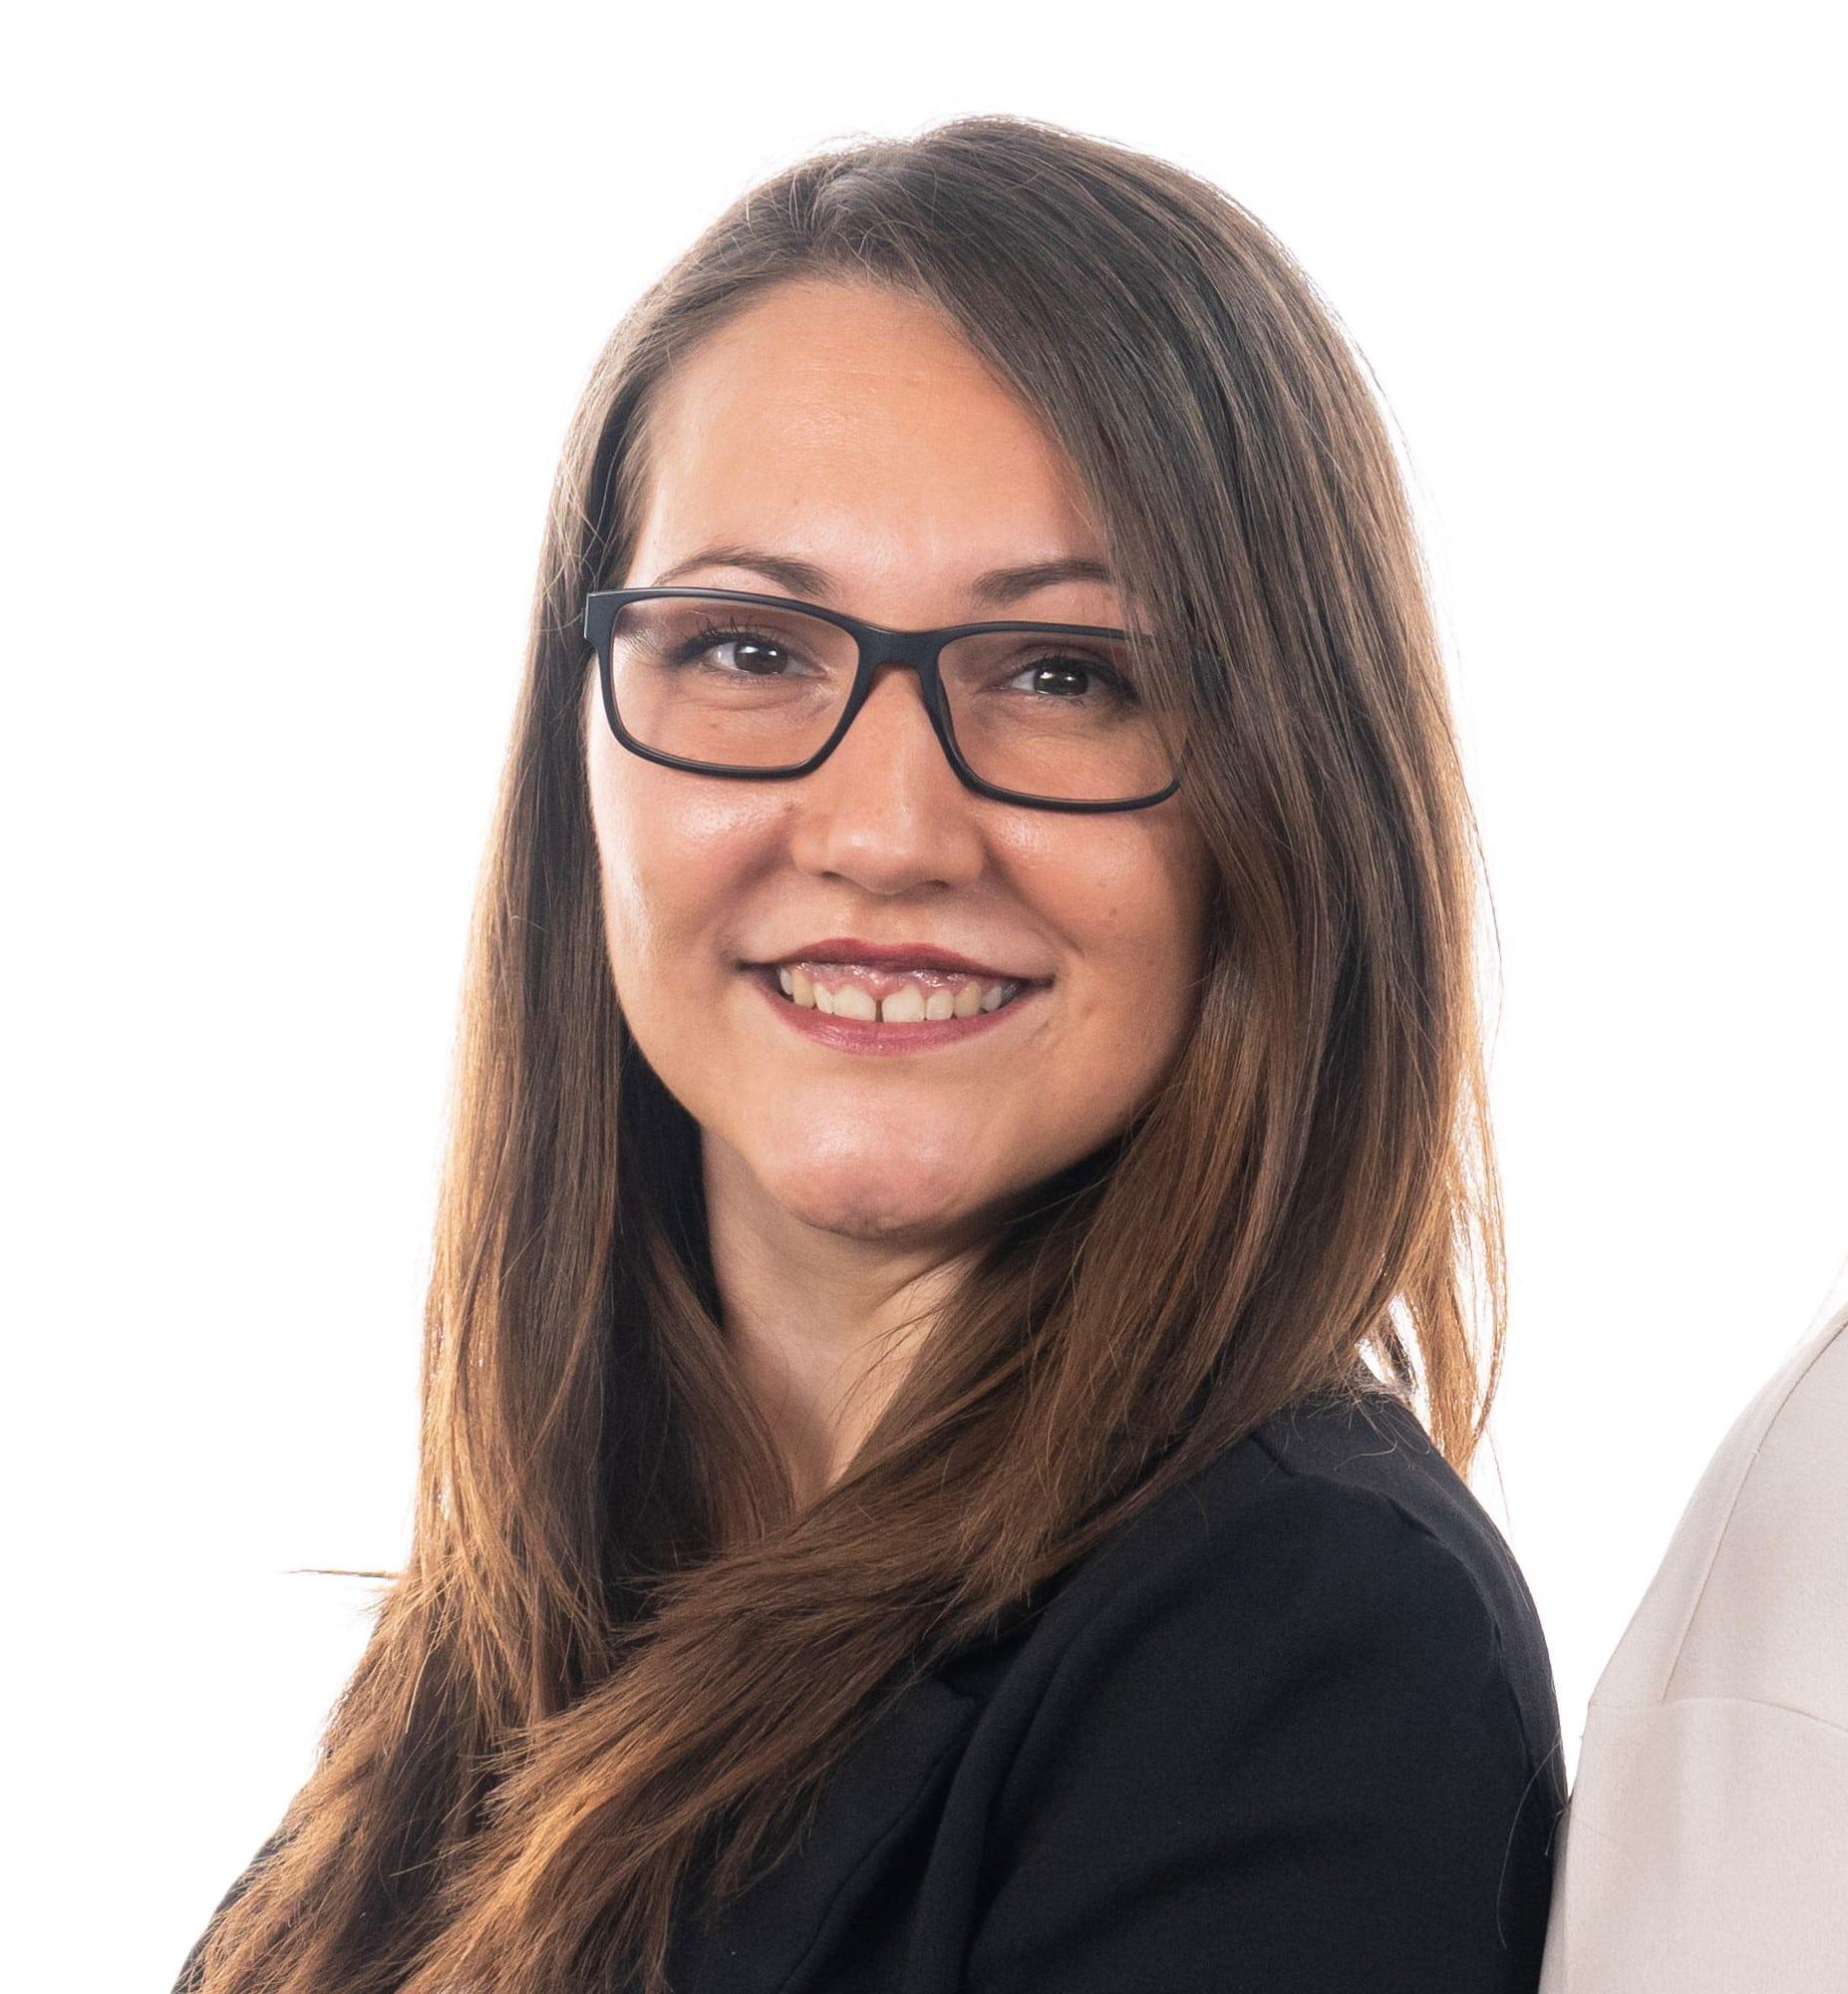 Laura Köpl